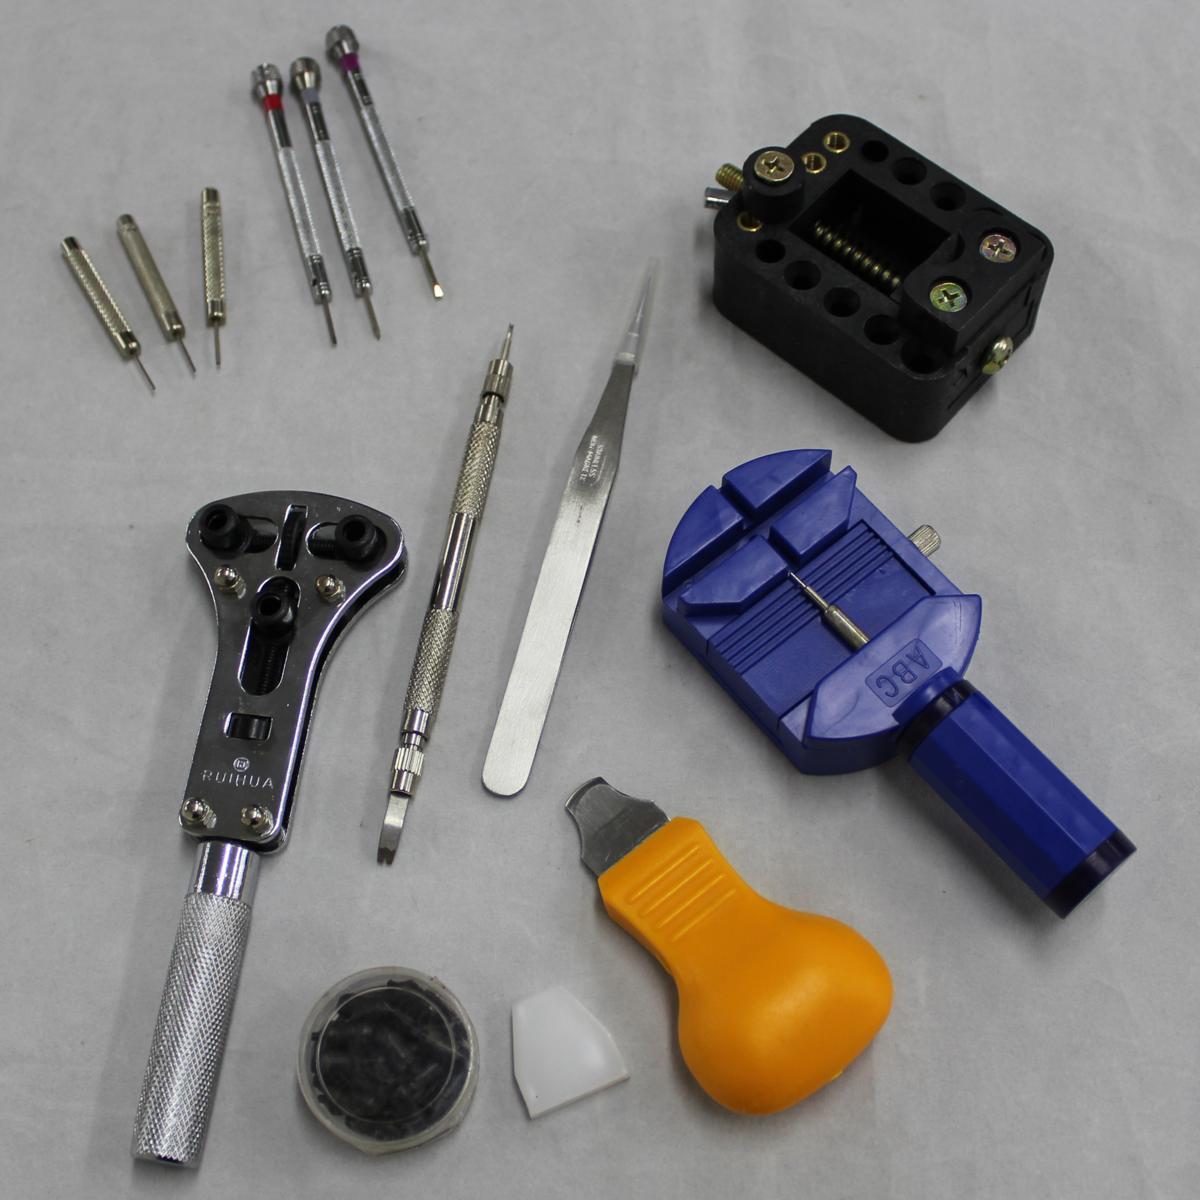 腕時計修理工具 13点セット 時計修理 電池交換 ベルトの長さ調整 裏蓋こじ開けツール ミニ精密ドライバー_画像2